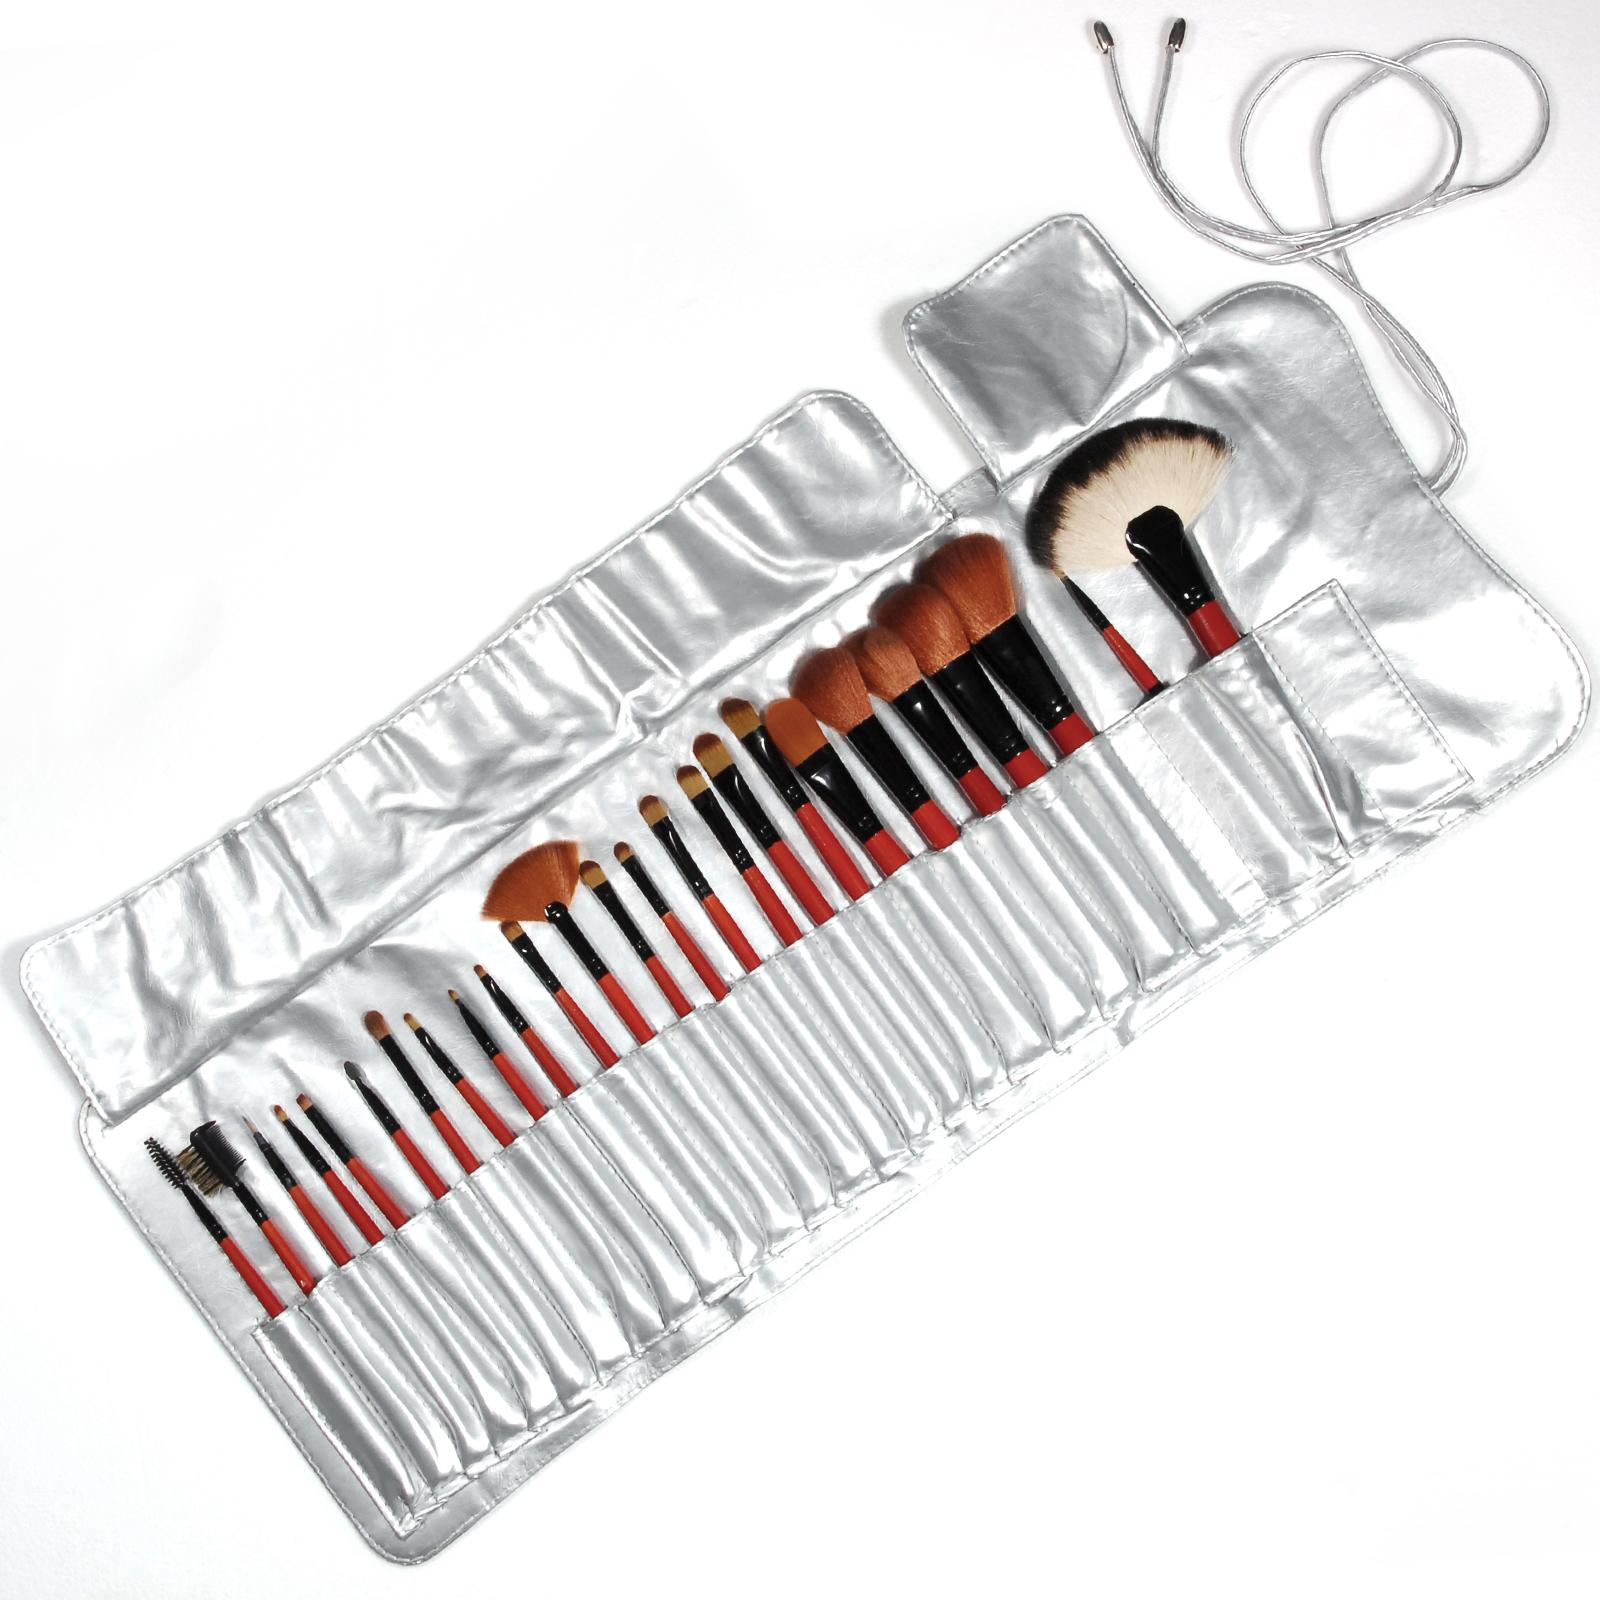 fraeulein 38 25tlg make up set pinsel brush sch nheit set. Black Bedroom Furniture Sets. Home Design Ideas